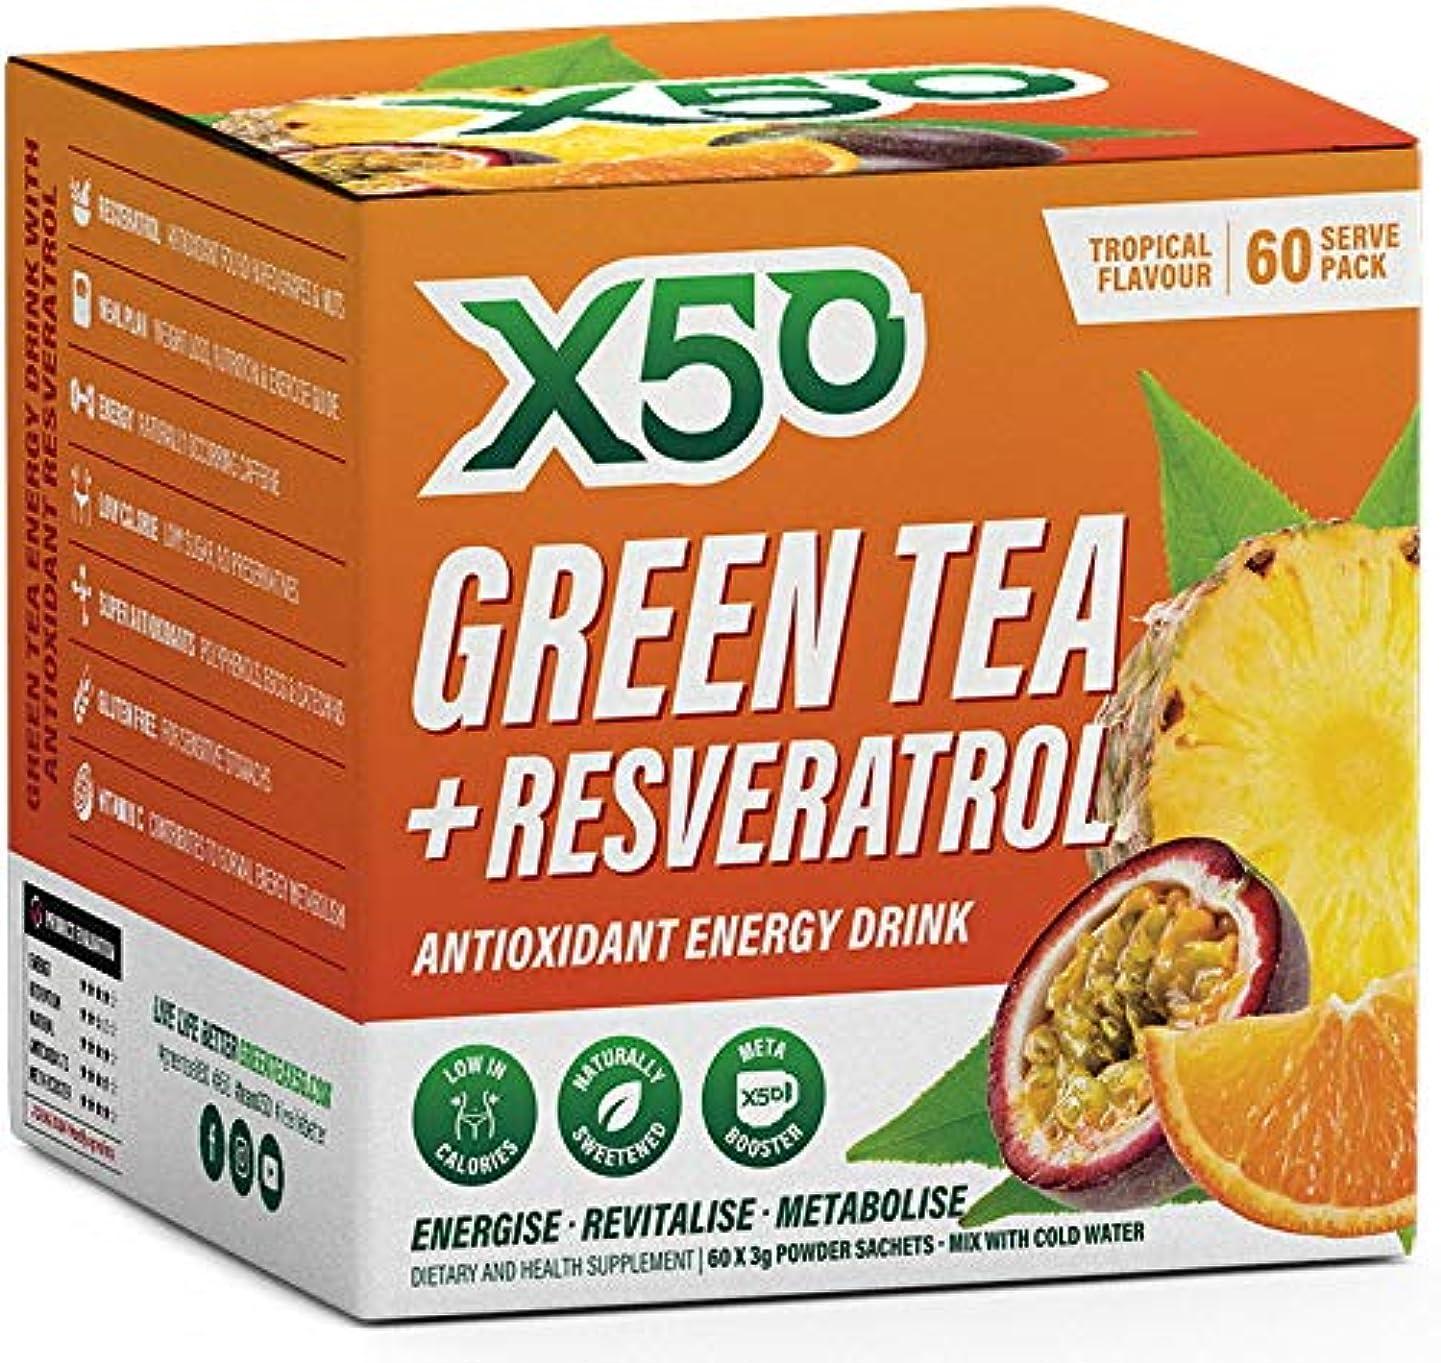 ショットアクセシブル麻痺させるGreen Tea X50 [海外直送品] オーストラリア保健省?行政局認可製品 (Tropical(トロピカル味) x60袋)